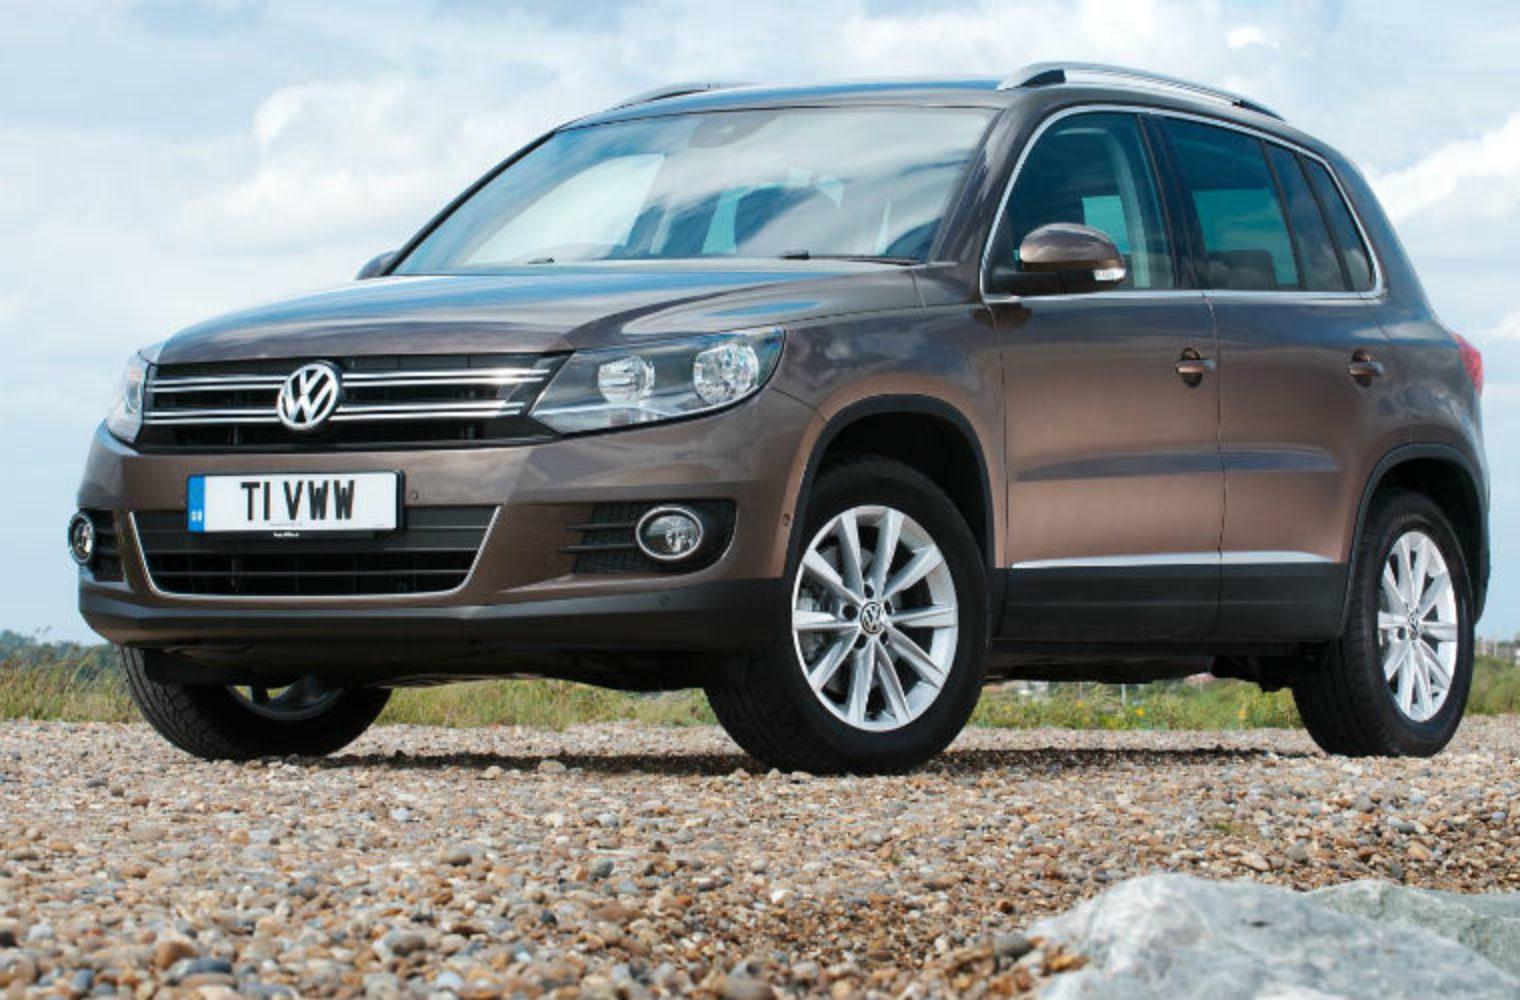 Volkswagen Tiguan LuK clutch, flywheel and CSC replacement